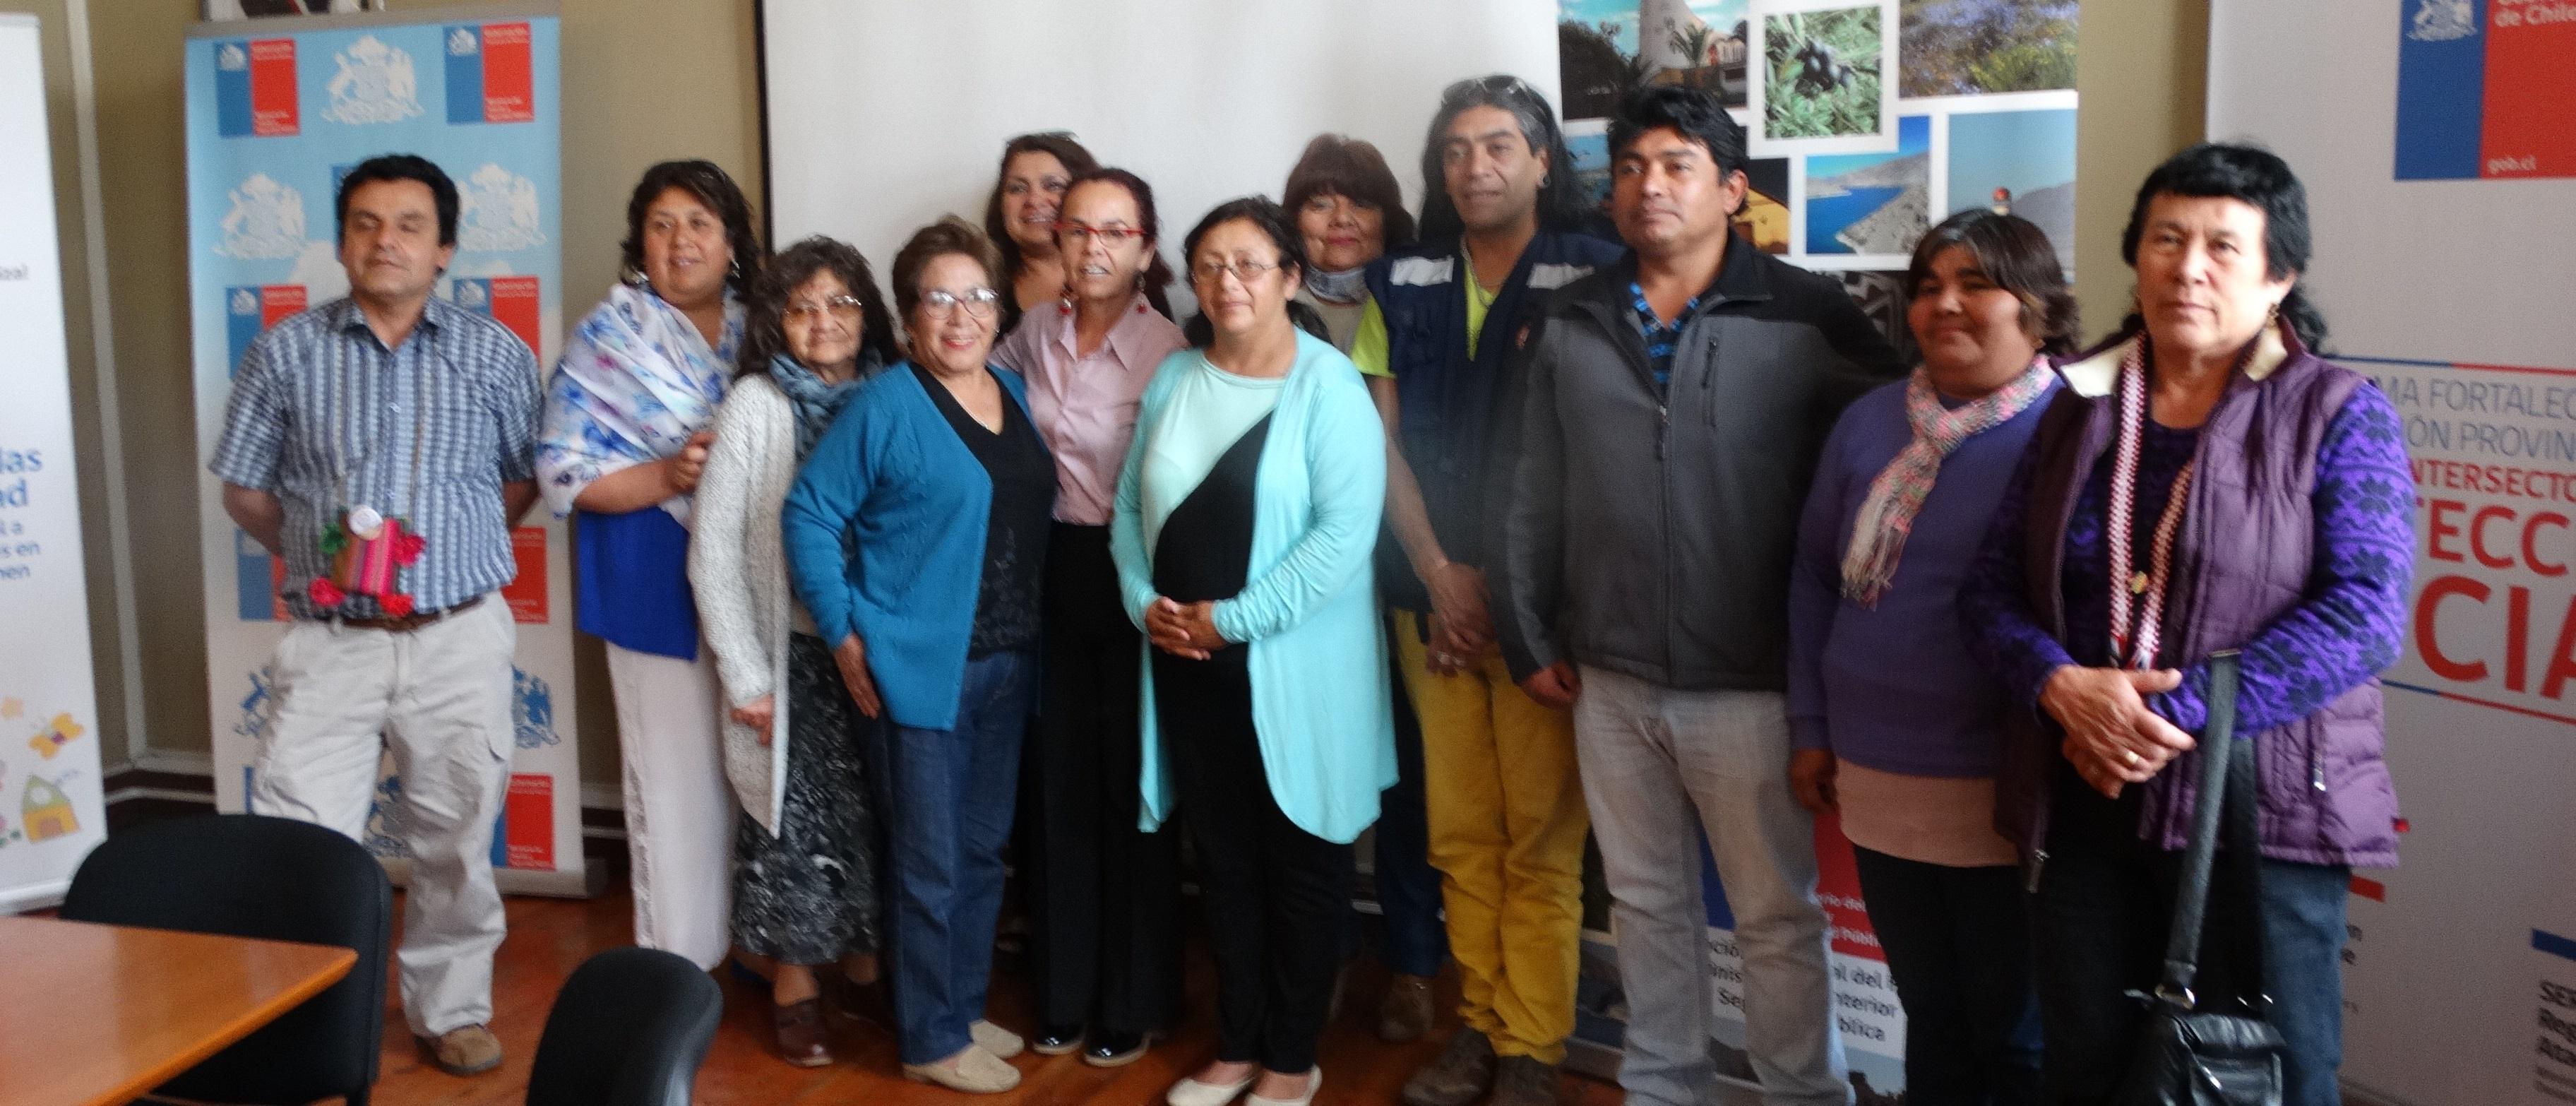 Comunidades diaguitas del Huasco exponen sus principales demandas